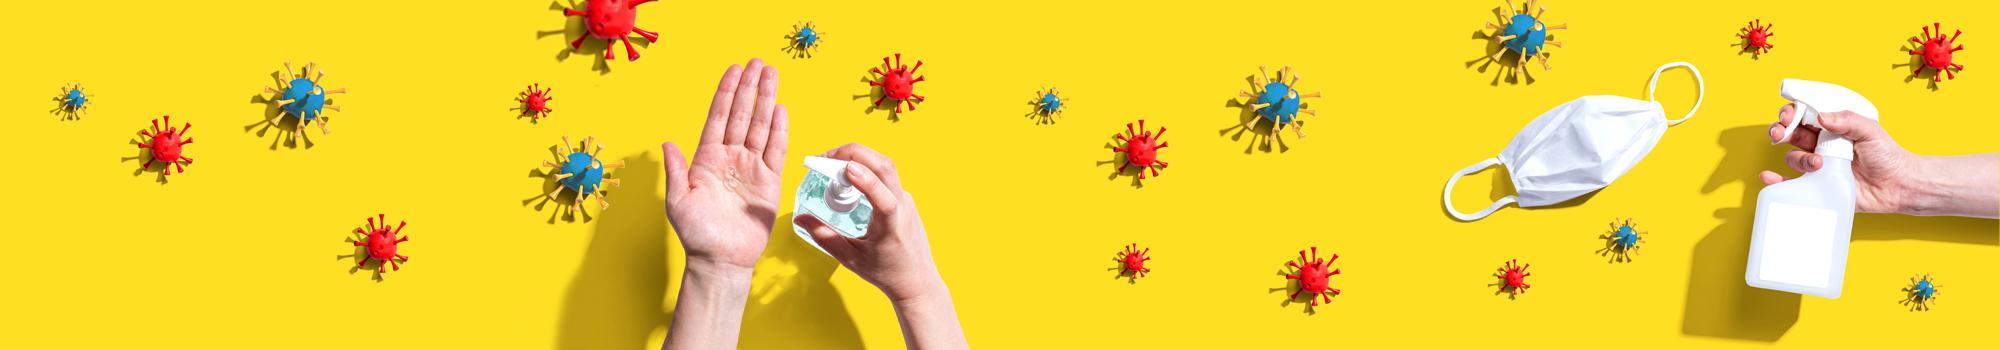 Corona_virus_clean_hands